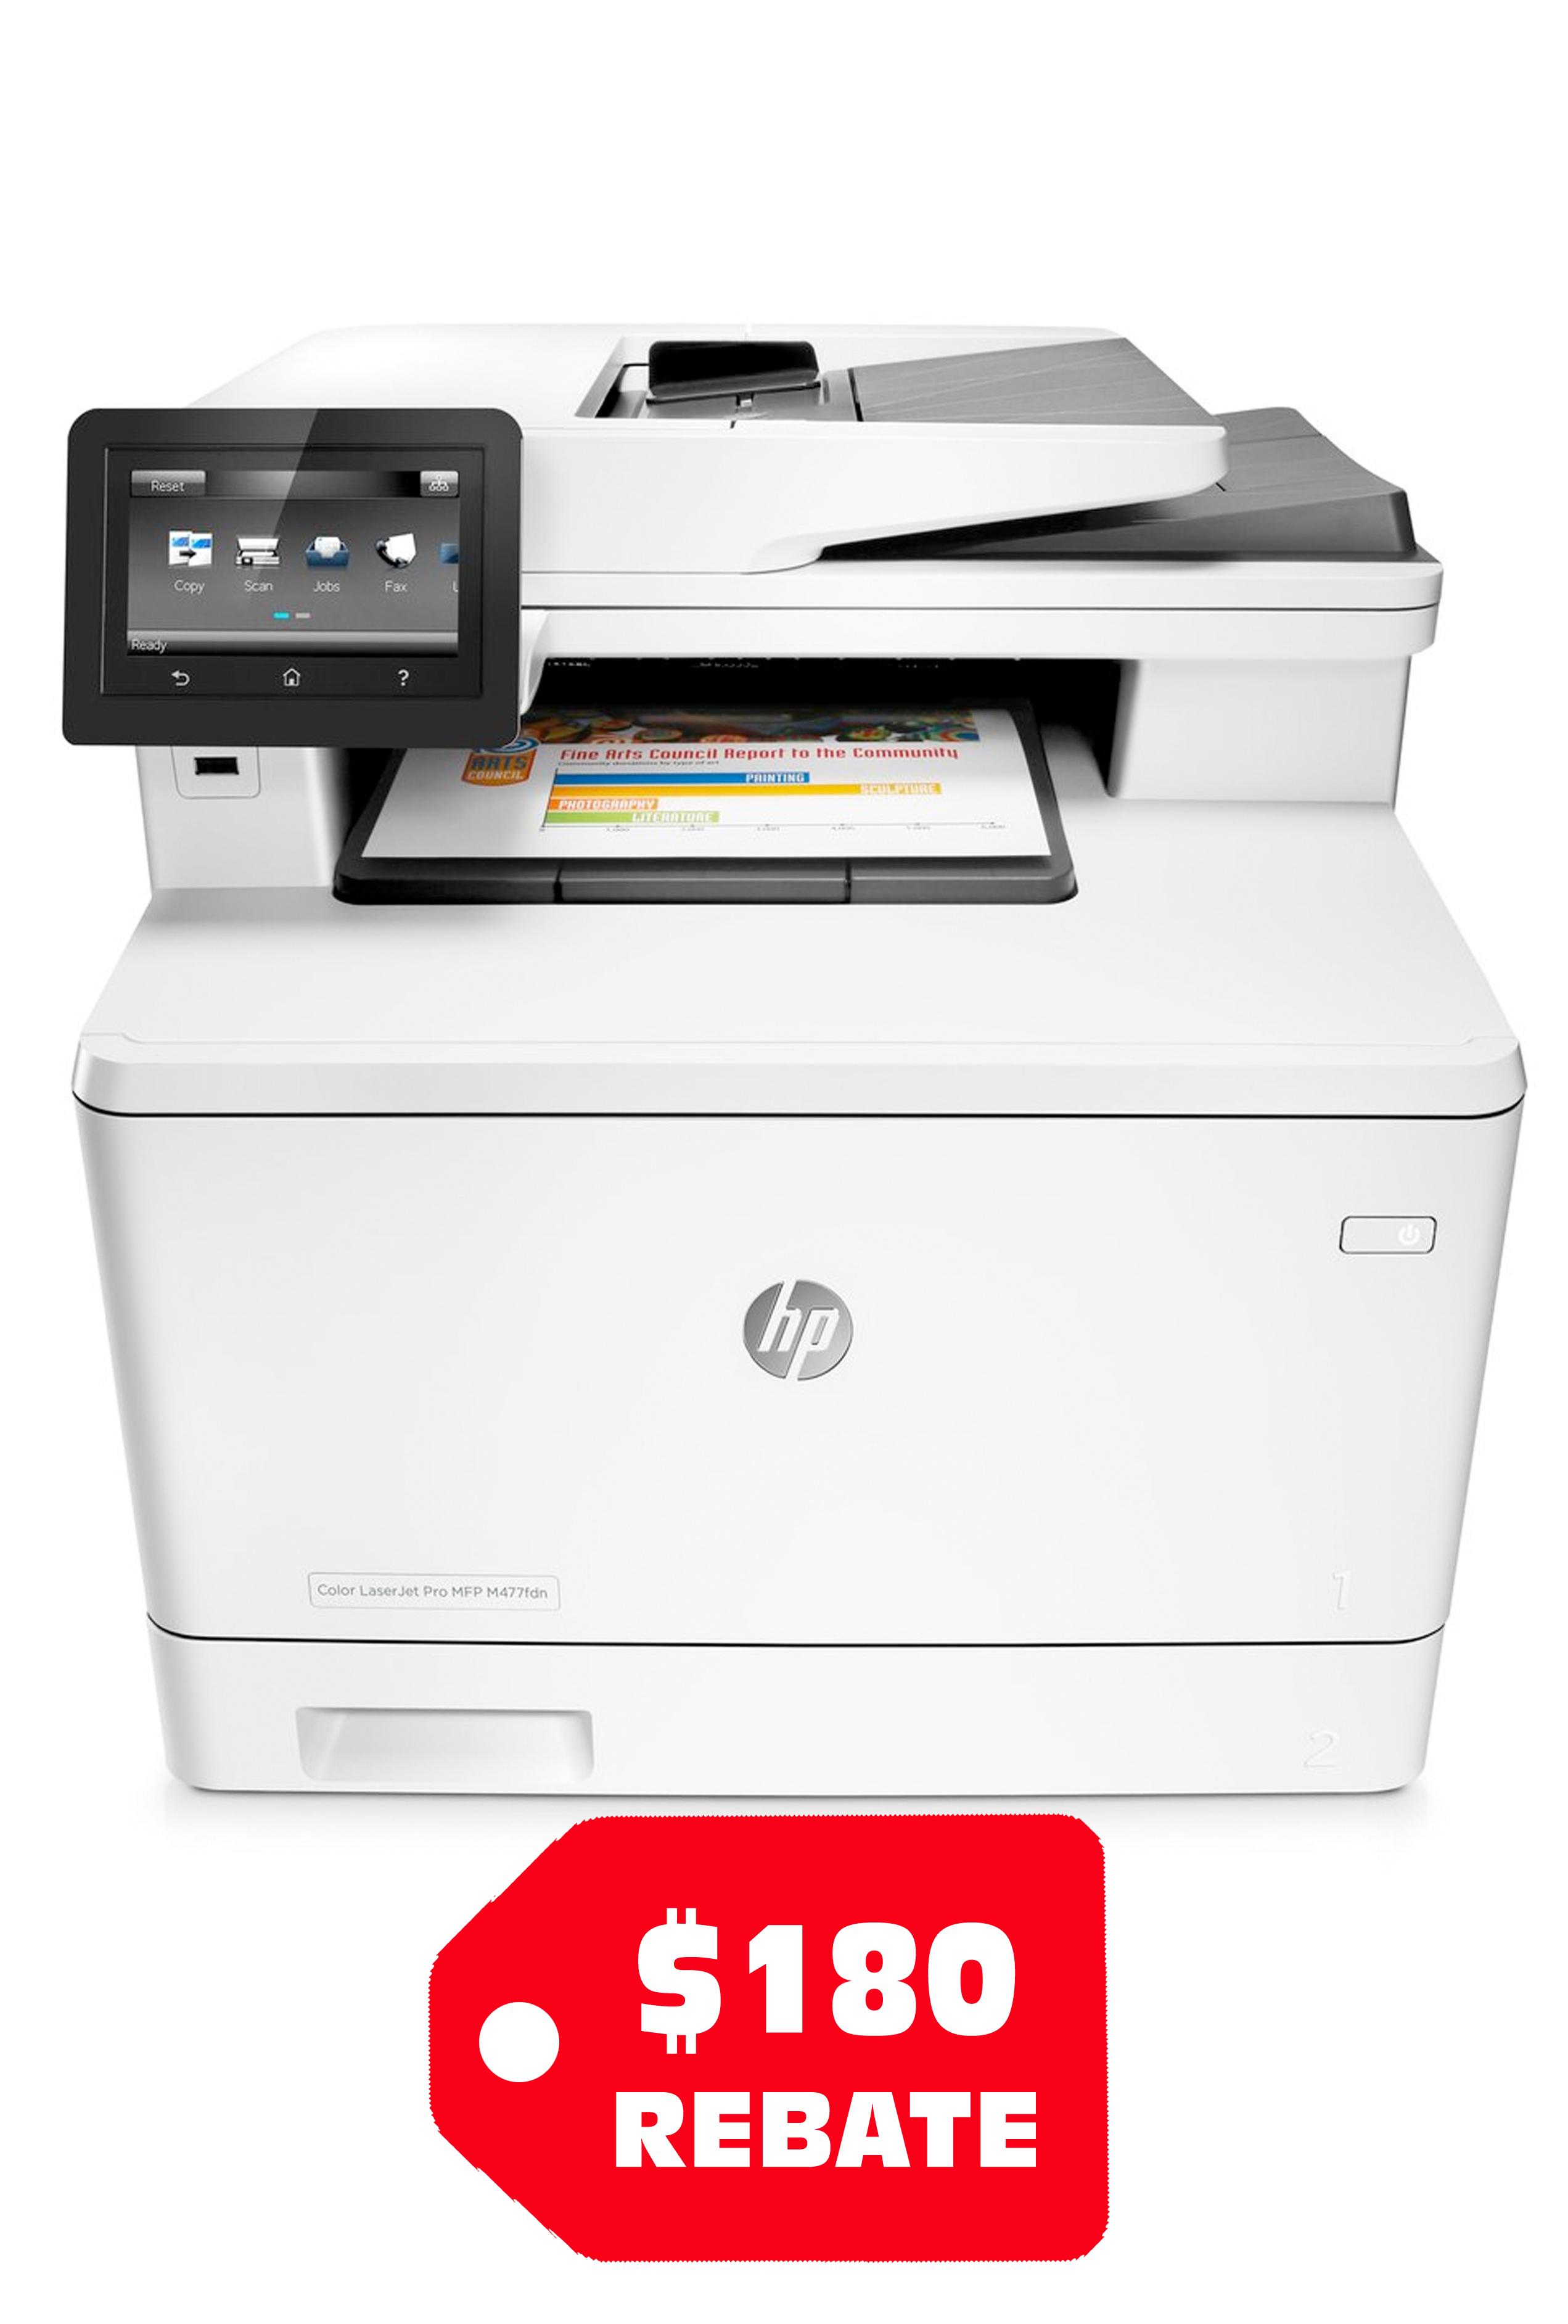 HP Color LaserJet Pro M477fdn...